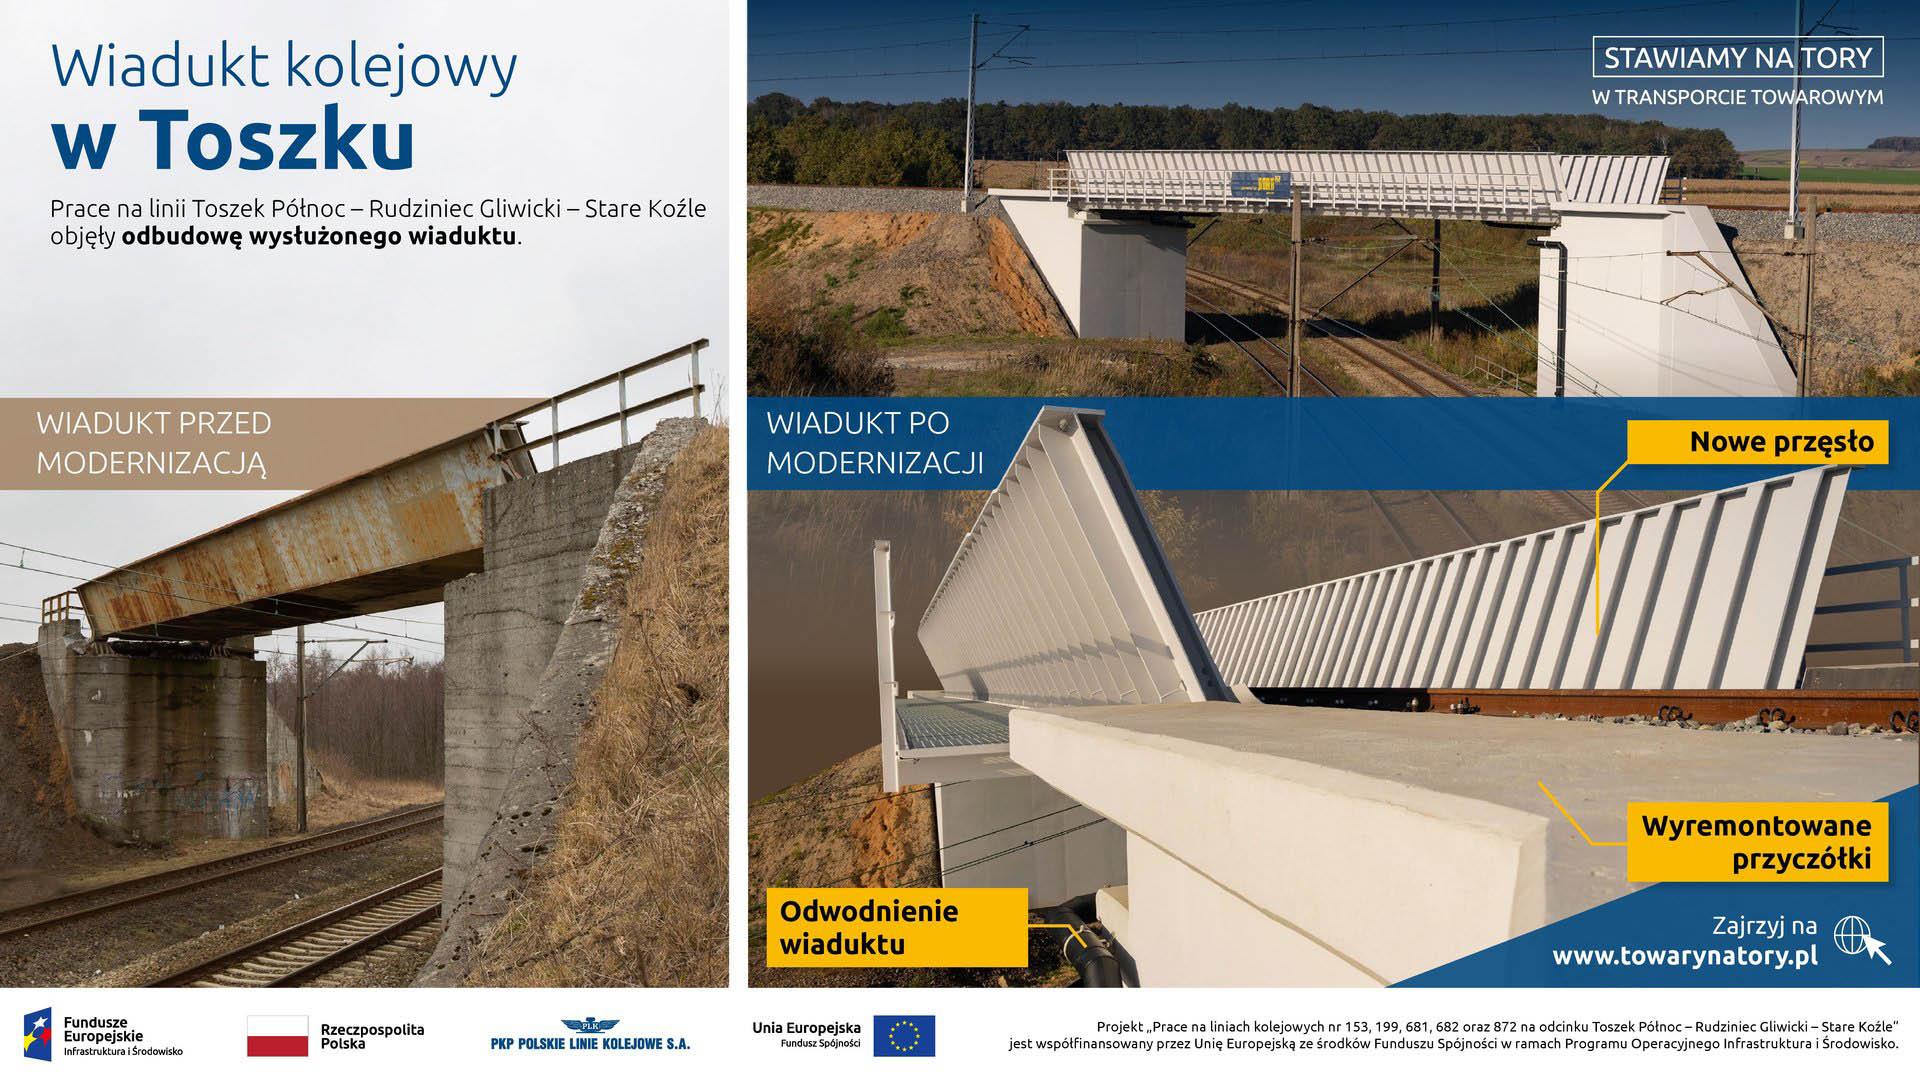 Infografika odnośnie odnowionego wiadukt w Toszku. Pokazane na niej jest nowe przęsło, wyremontowane przyczółki, odbudowane odwodnienie wiaduktu.